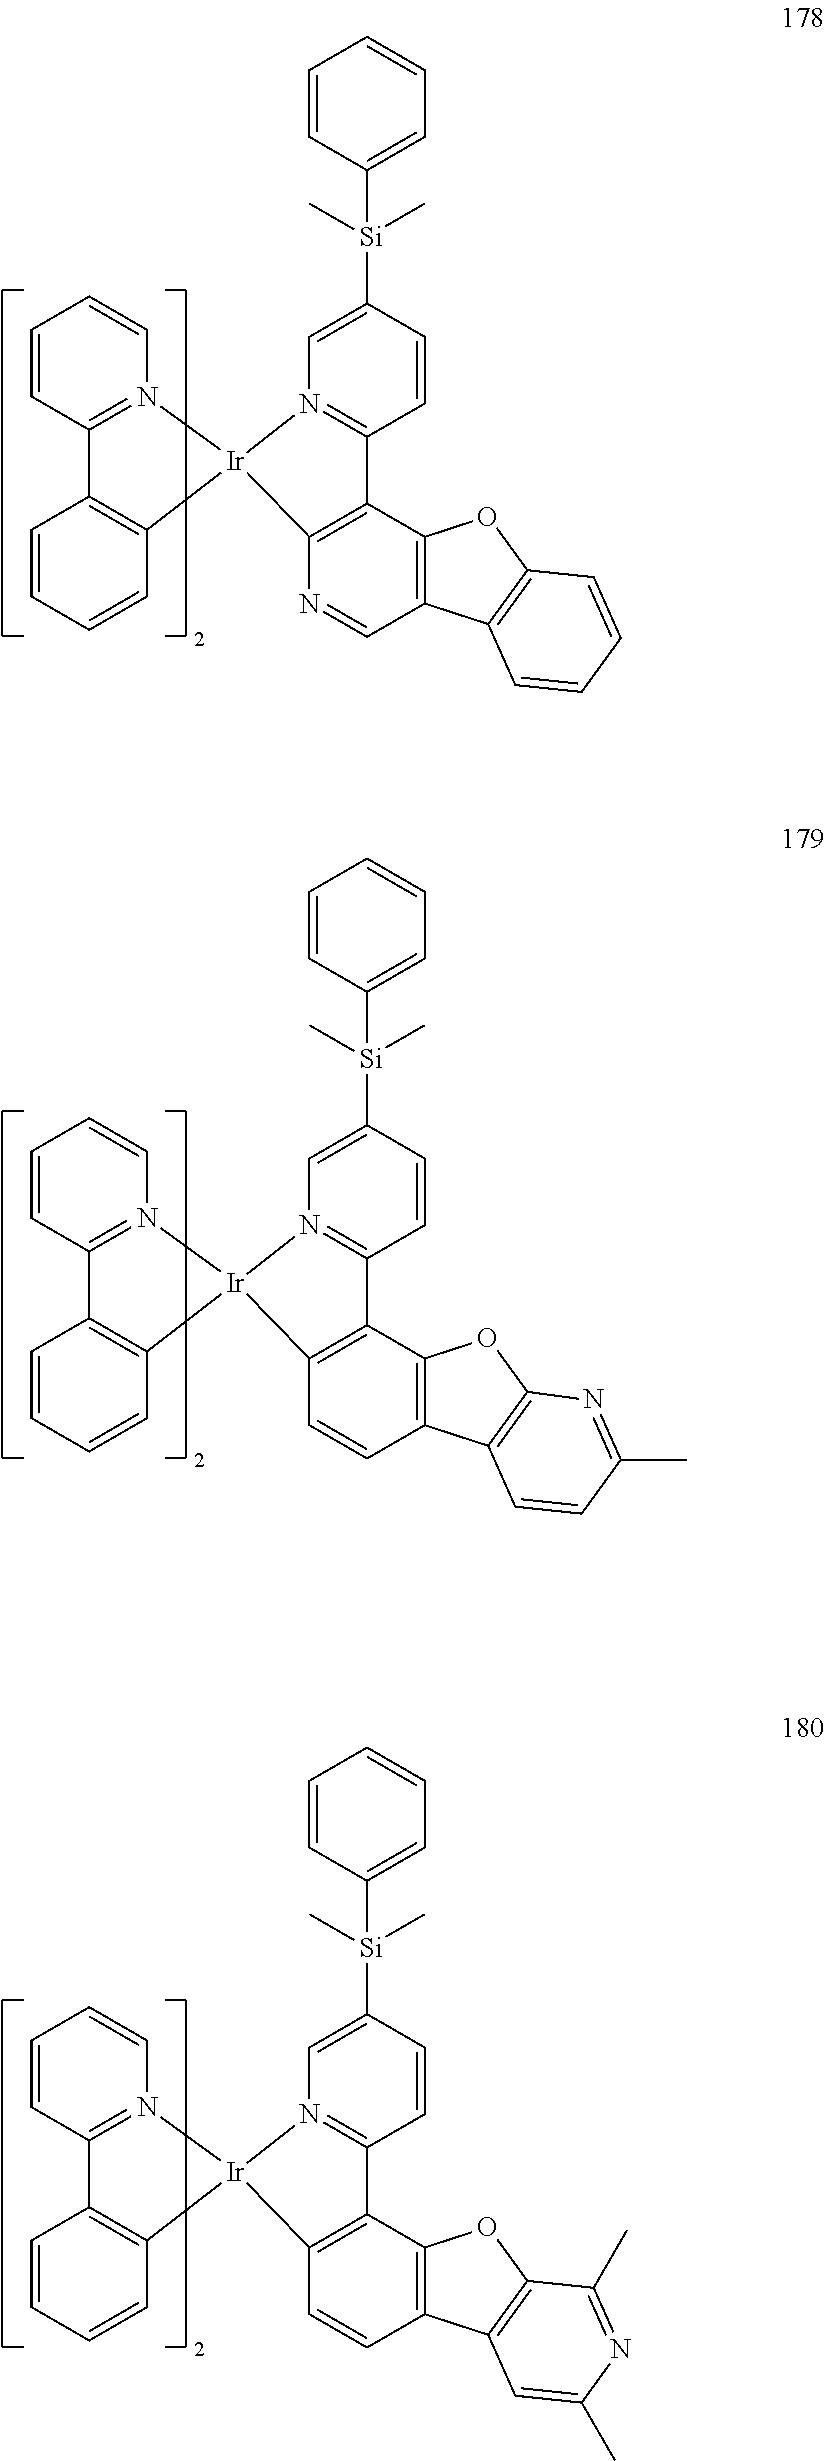 Figure US20160155962A1-20160602-C00380